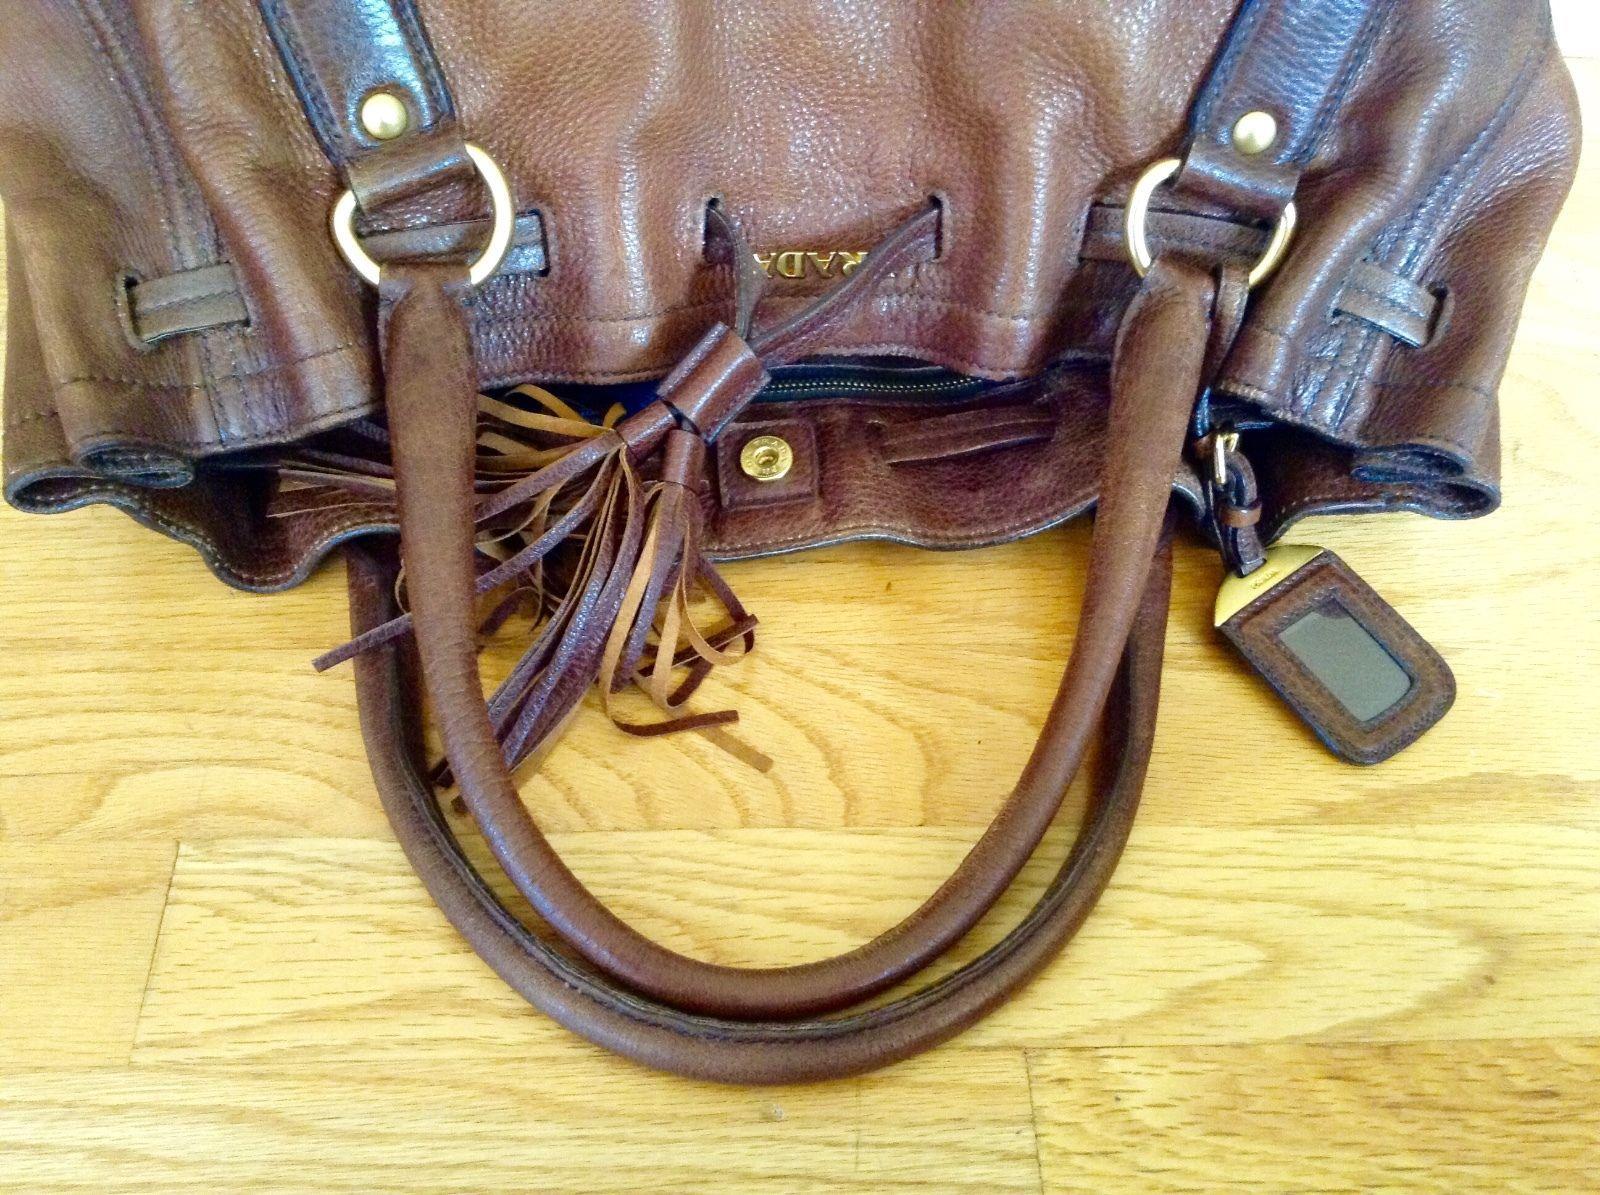 c5993c8a4422 ... coupon for auth prada cervo antik gradient brown deerskin jumbo  shopping tote shoulder bag 548.0 c137f ...